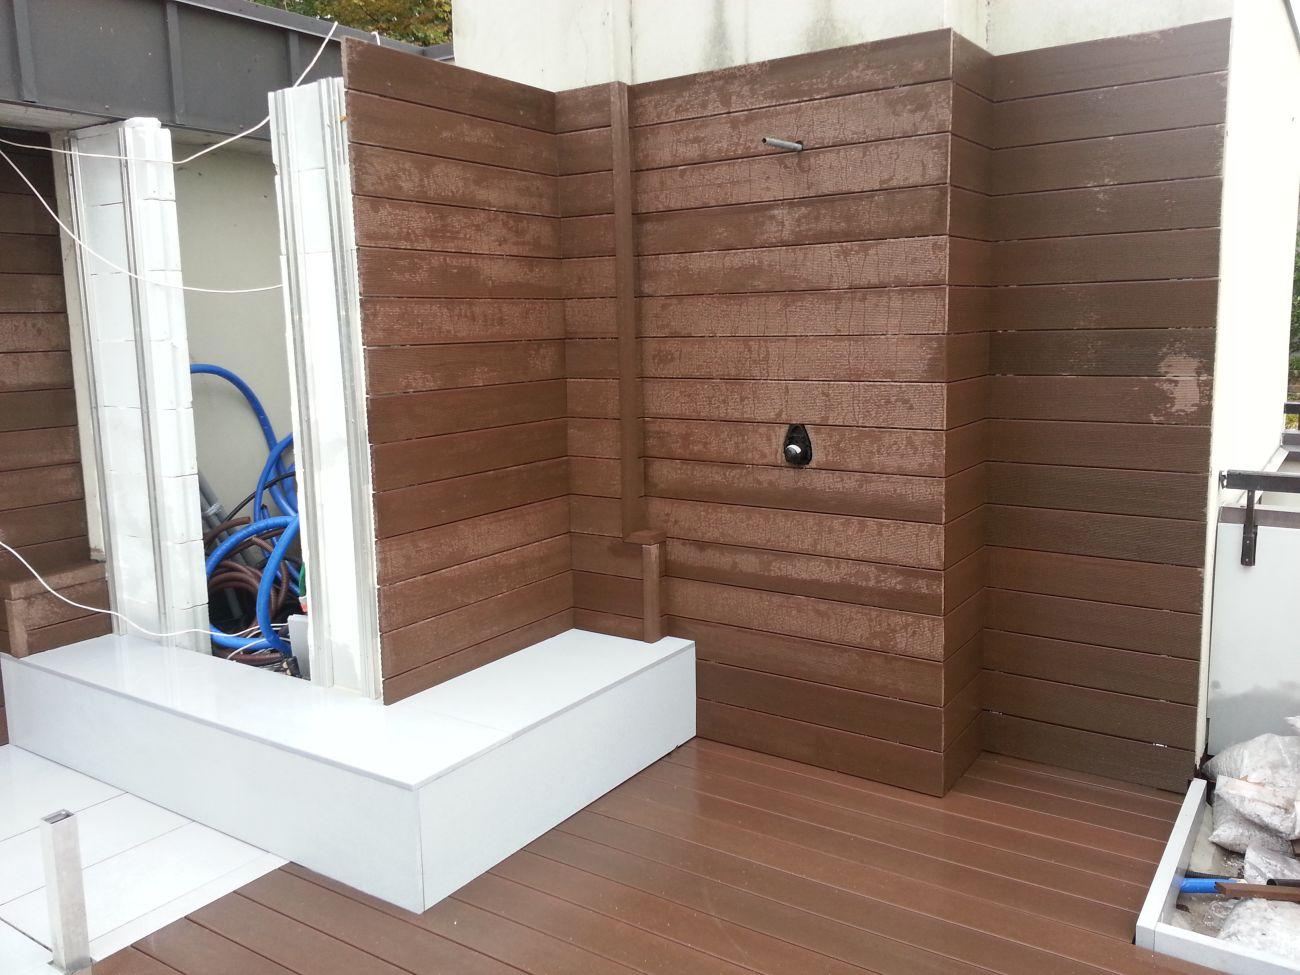 pavimento in legno per esterni ikea: ikea casette giardino ... - Parquet Esterno Ikea